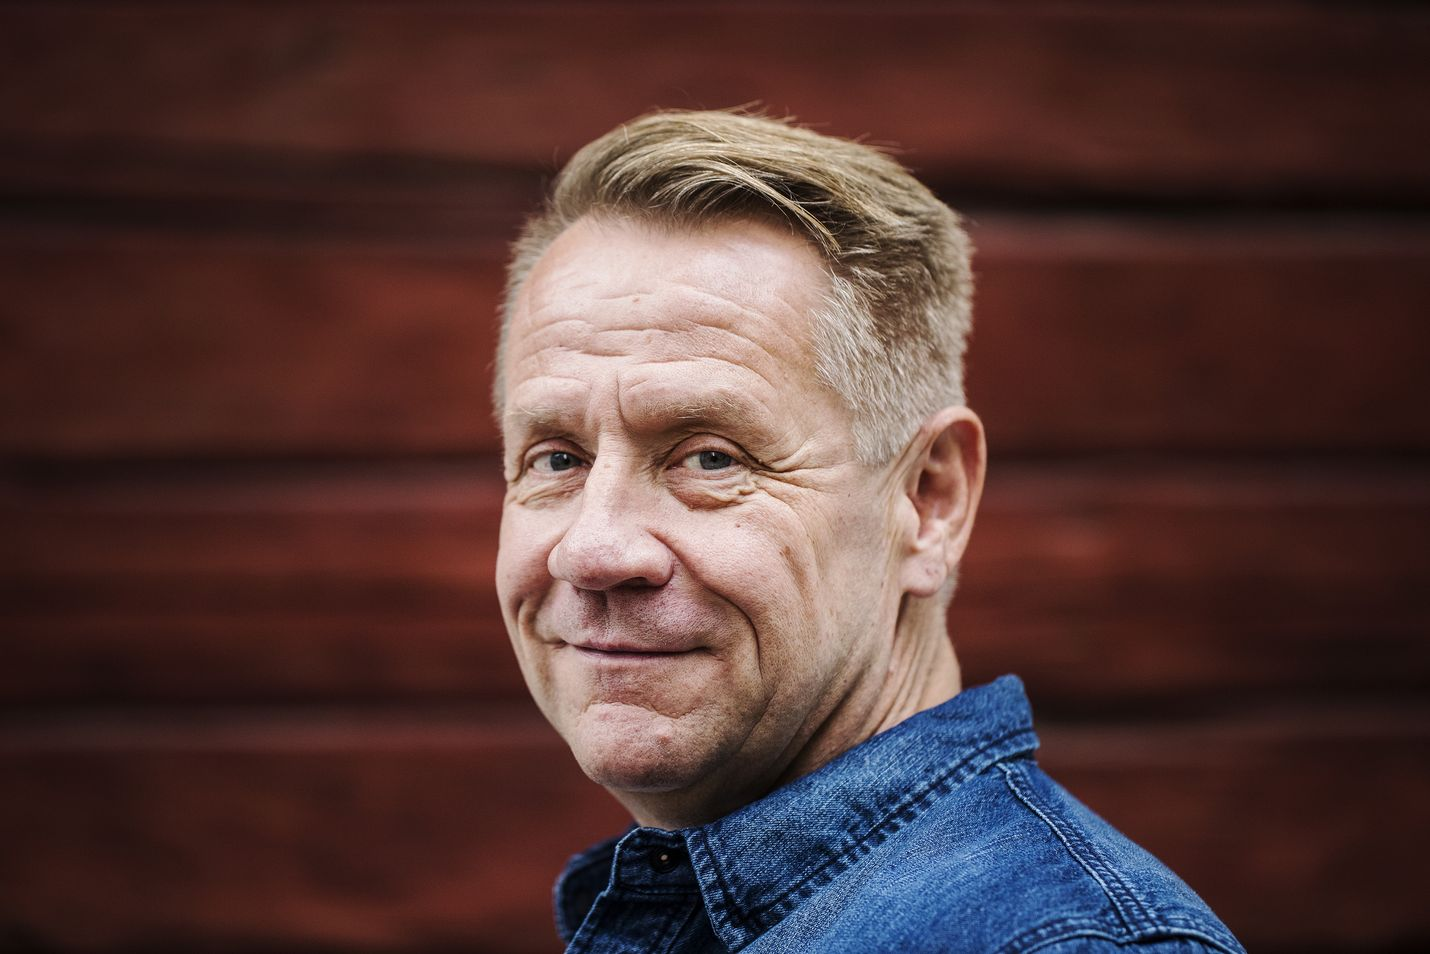 Olli Lindholm kuoli sairaskohtaukseen. Hän oli menehtyessään 54-vuotias.